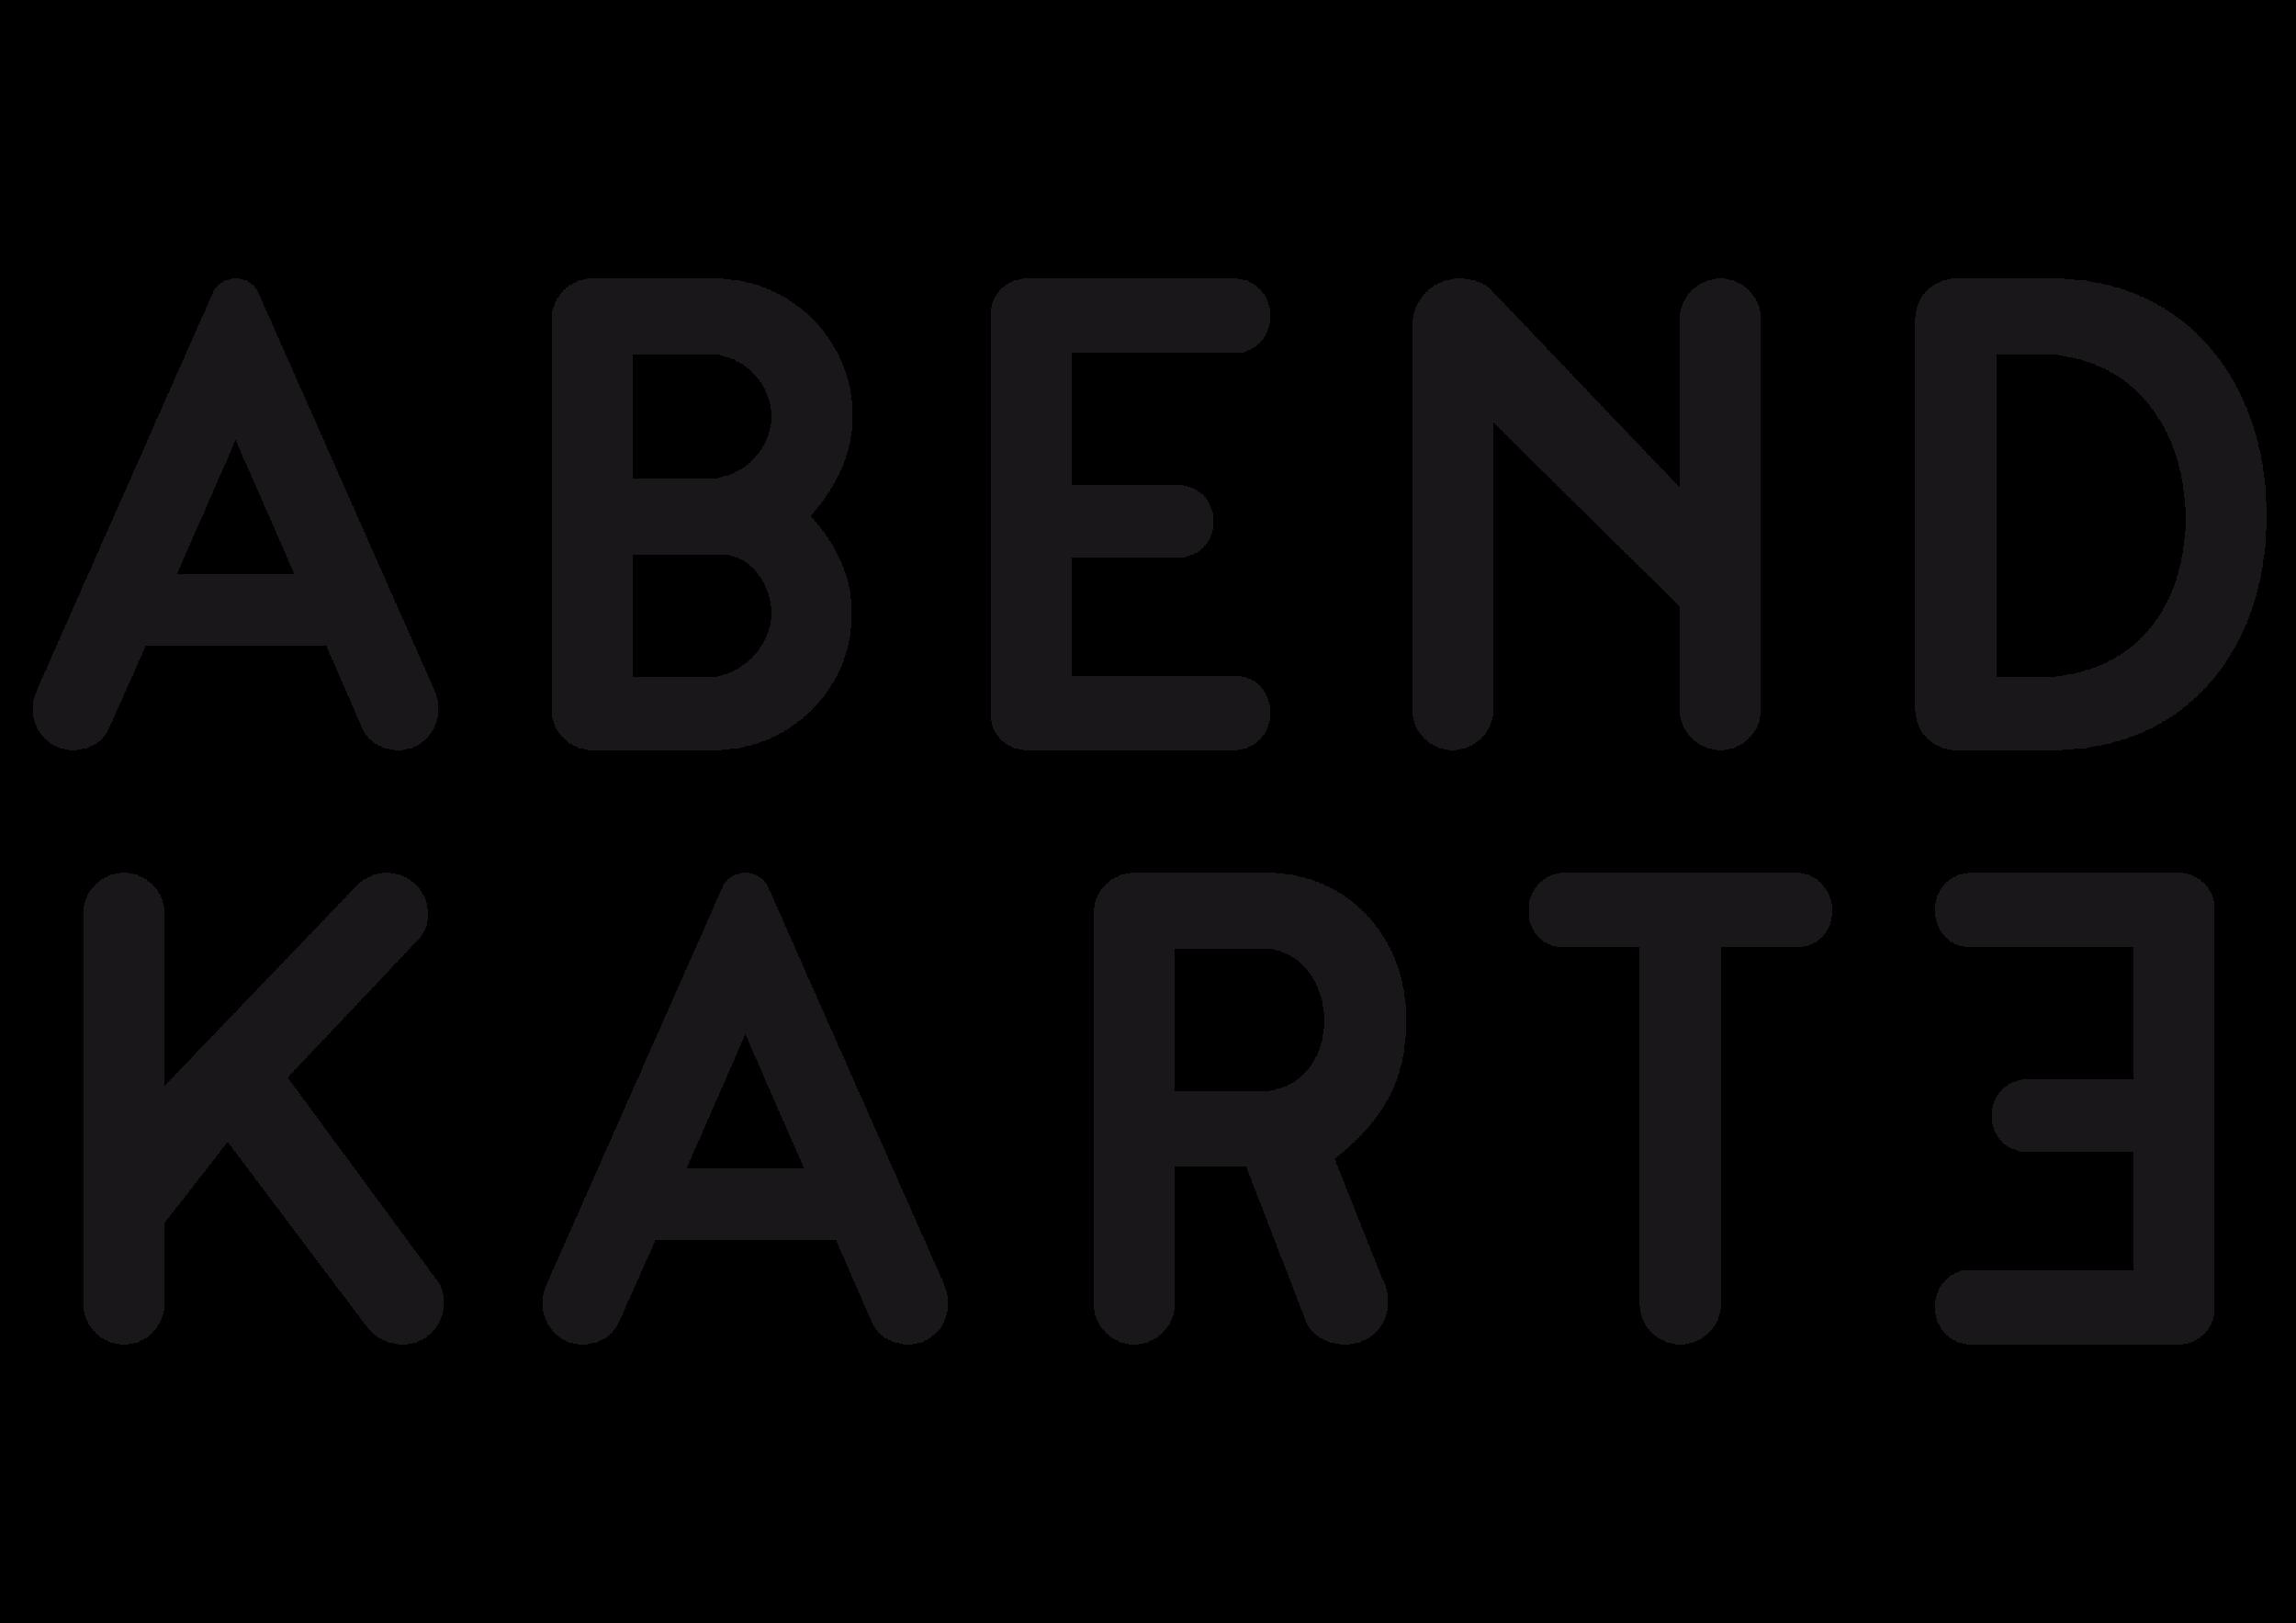 Unbenannt-6.png